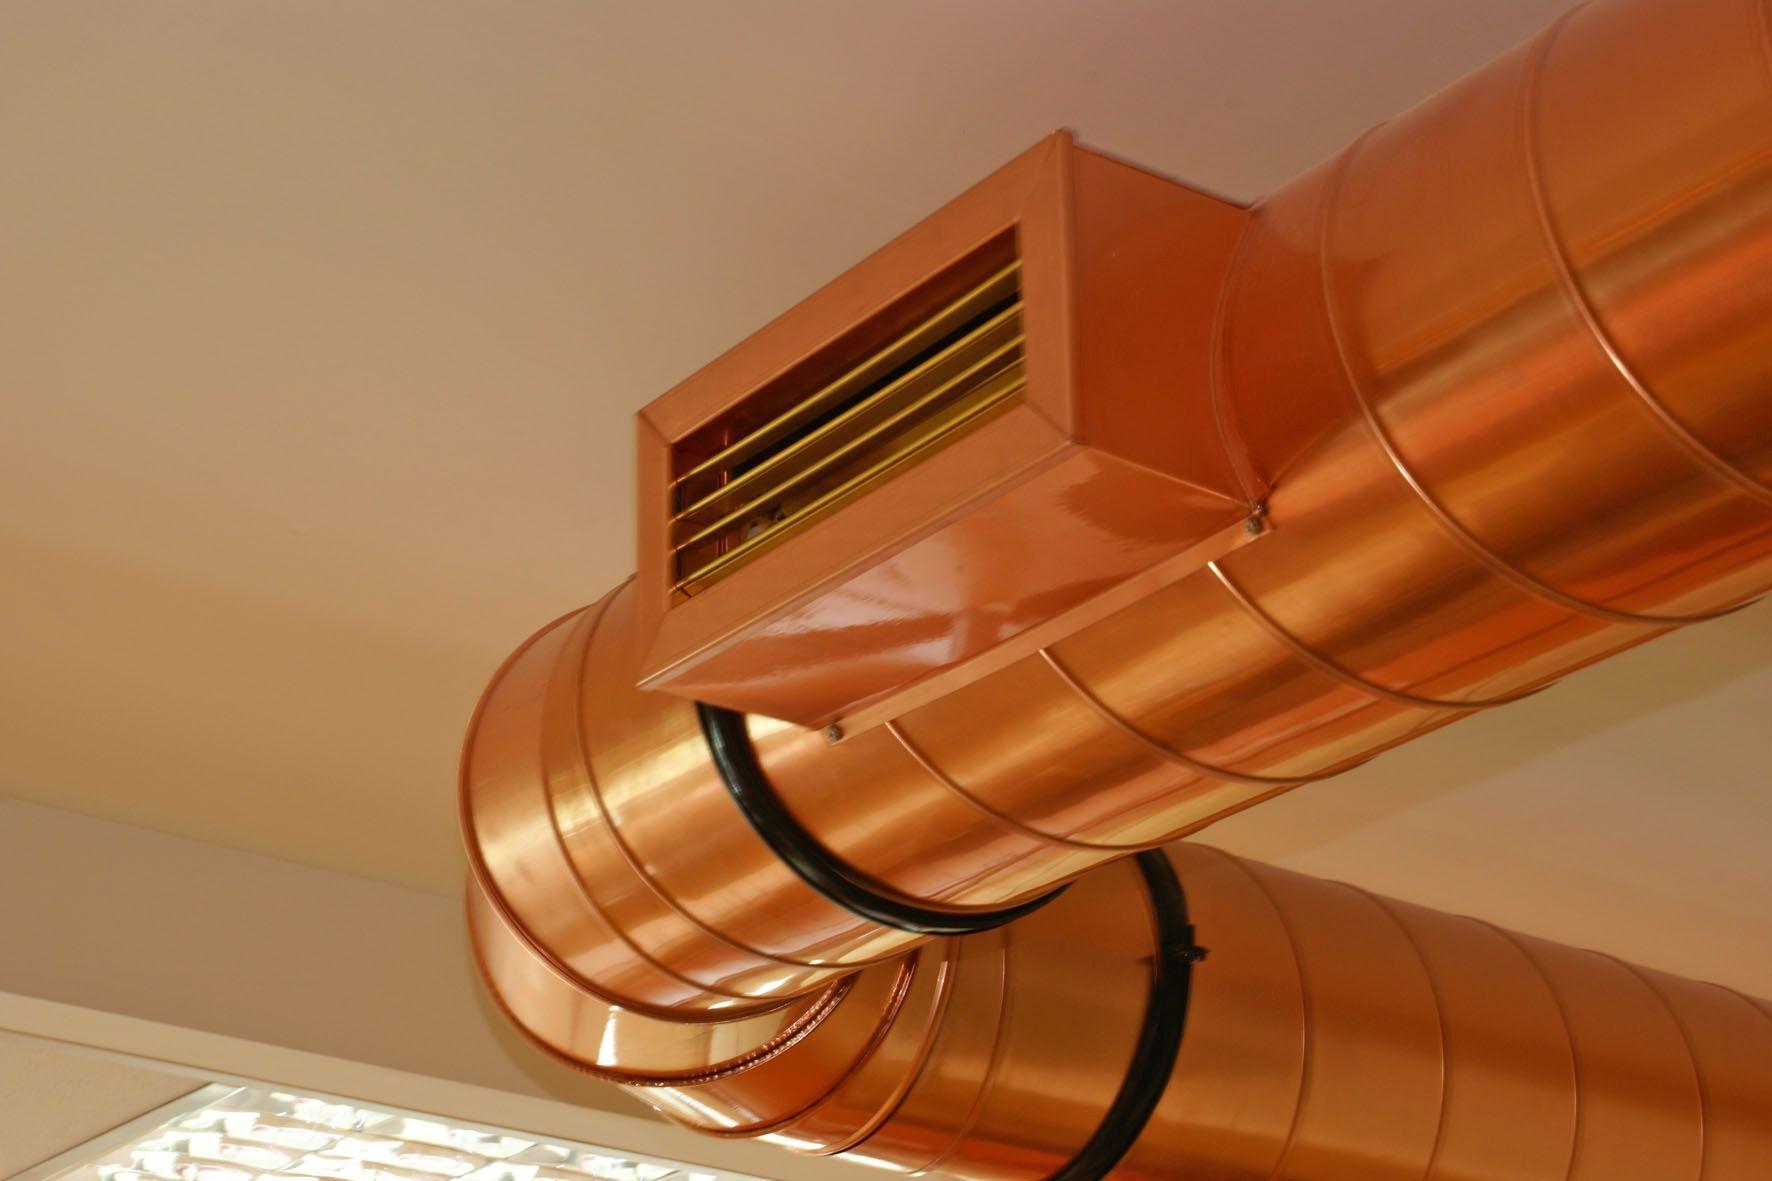 Kupfer wird oftmals sichtbar angewendet - am häufigsten allerdings unsichtbar in Leitungen, Kabeln und Geräten. Foto: djd/DKI